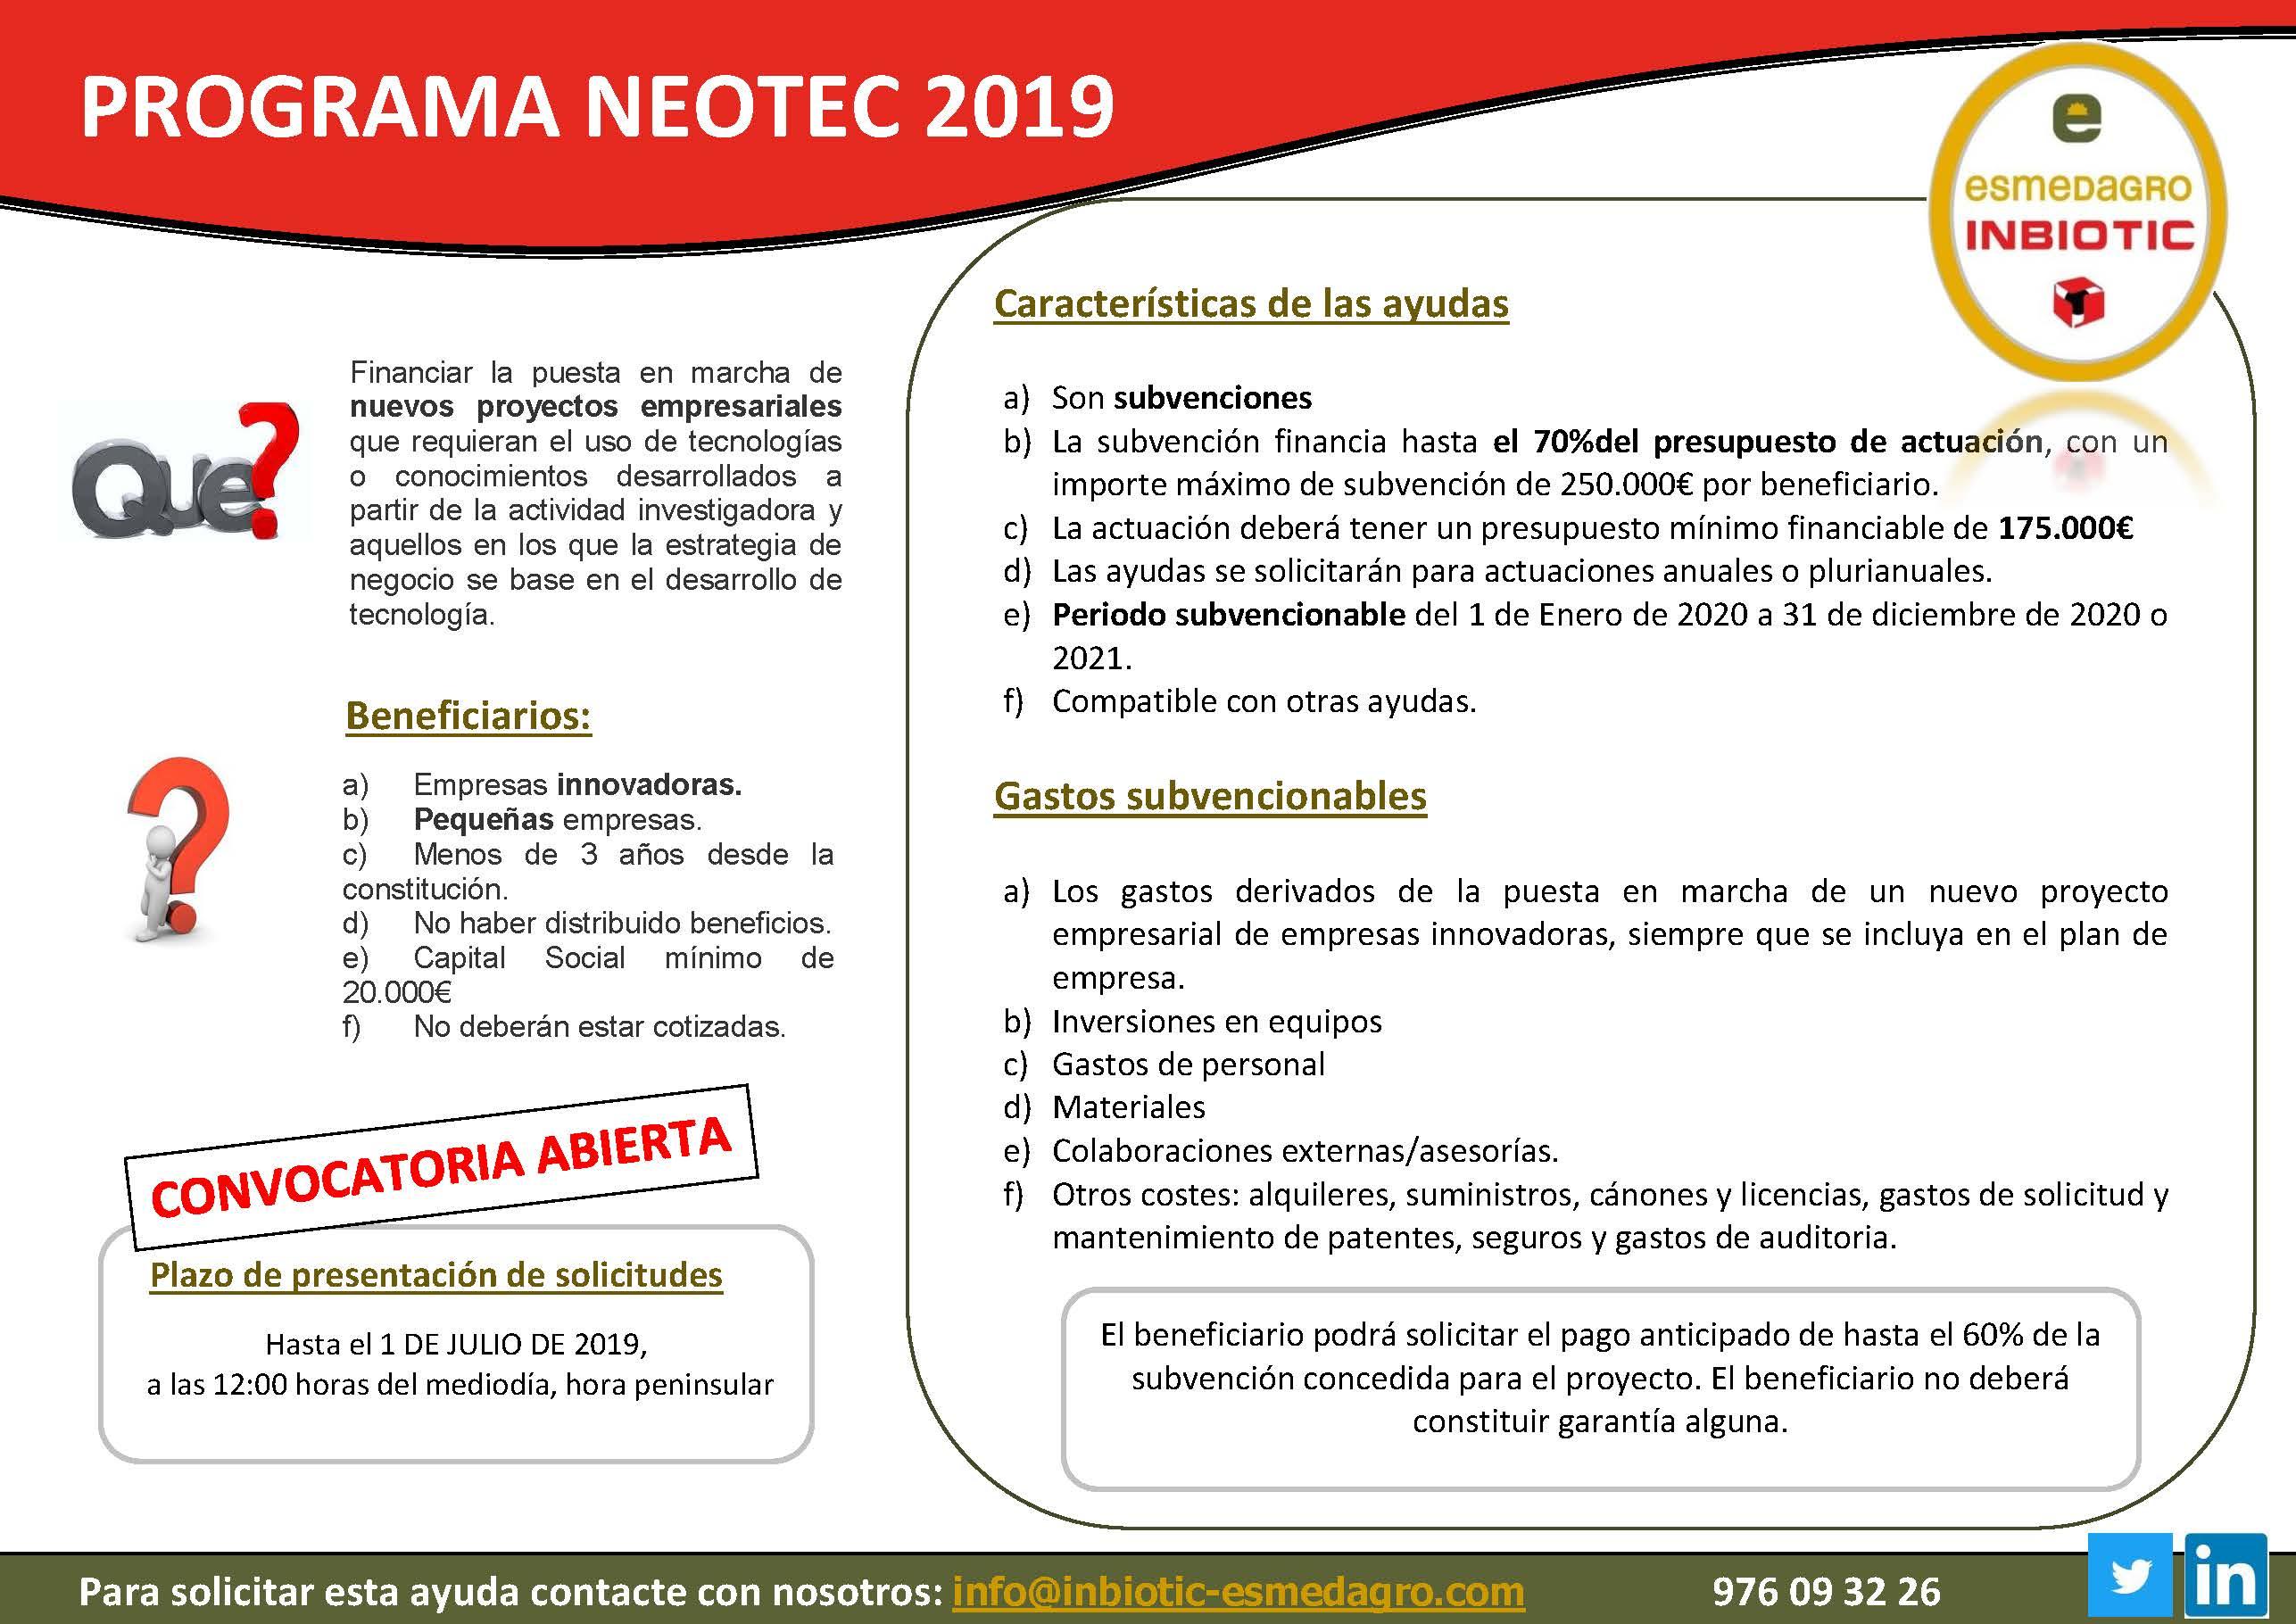 NEOTEC 2019.jpg